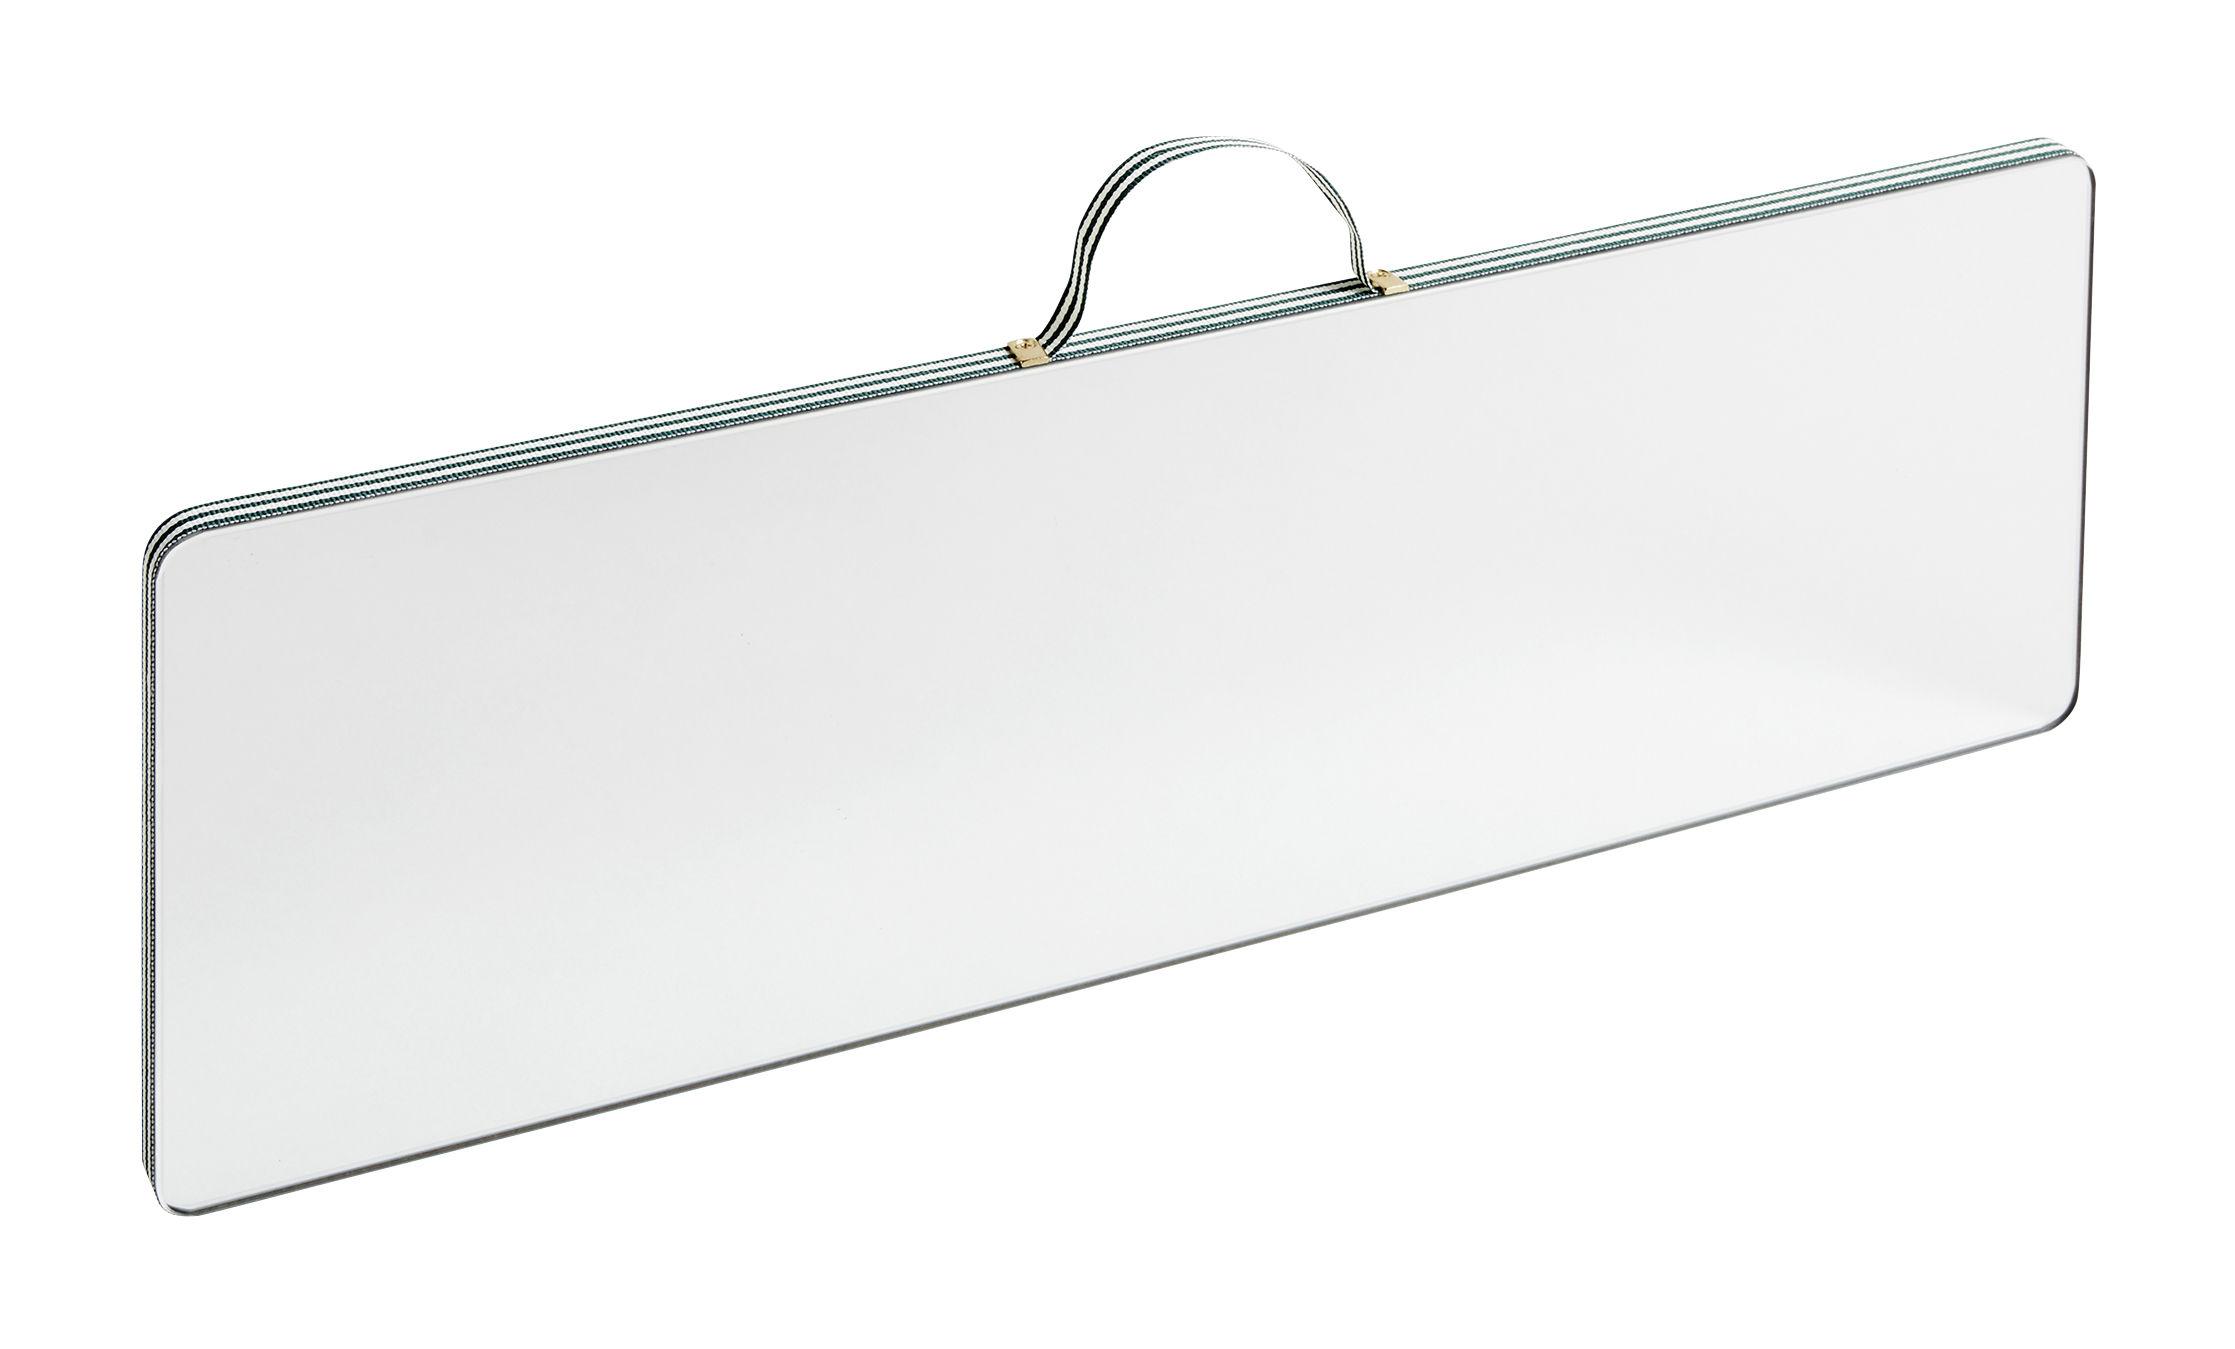 Interni - Specchi - Specchio murale Ruban Large - / Rettangolare - L 43,5 x H 13,5 cm di Hay - Strisce verdi - Compensato di rovere, Ottone, Tessuto poliestere, Vetro